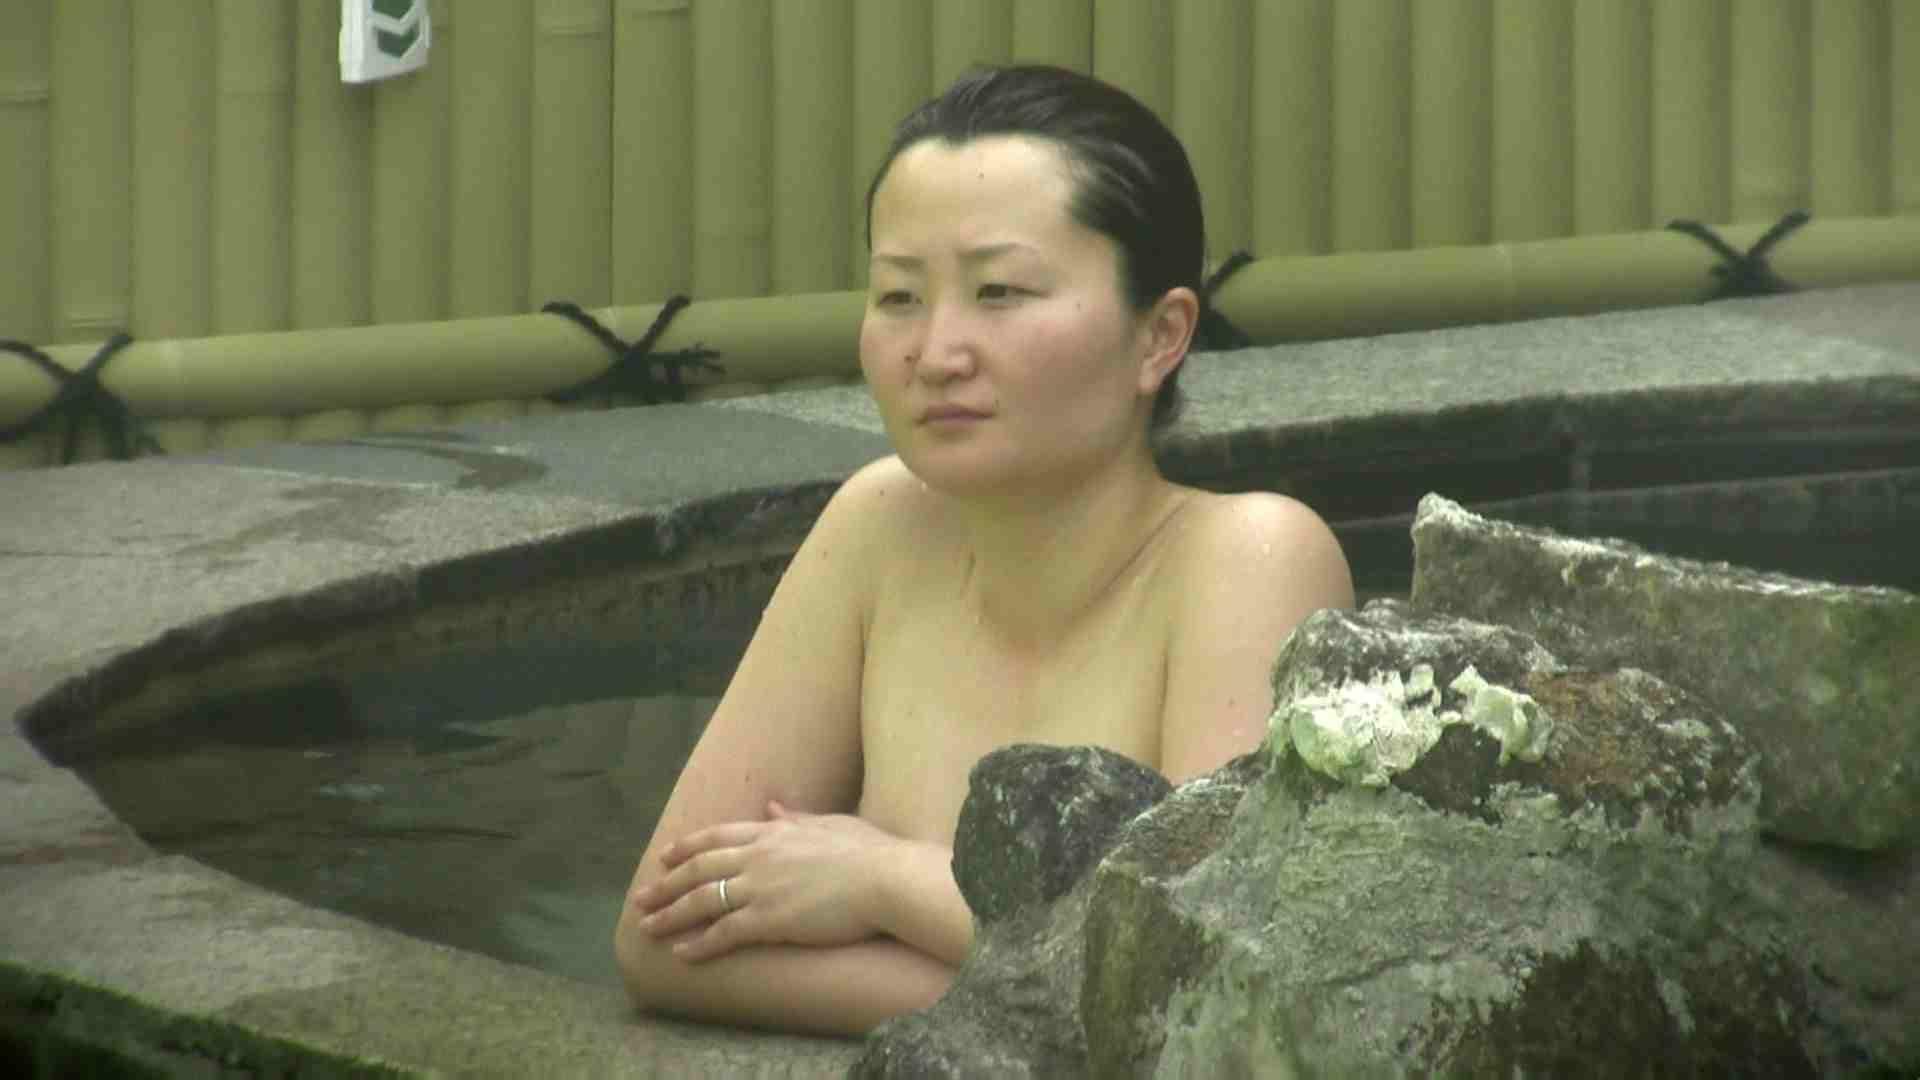 Aquaな露天風呂Vol.632 露天  111pic 111